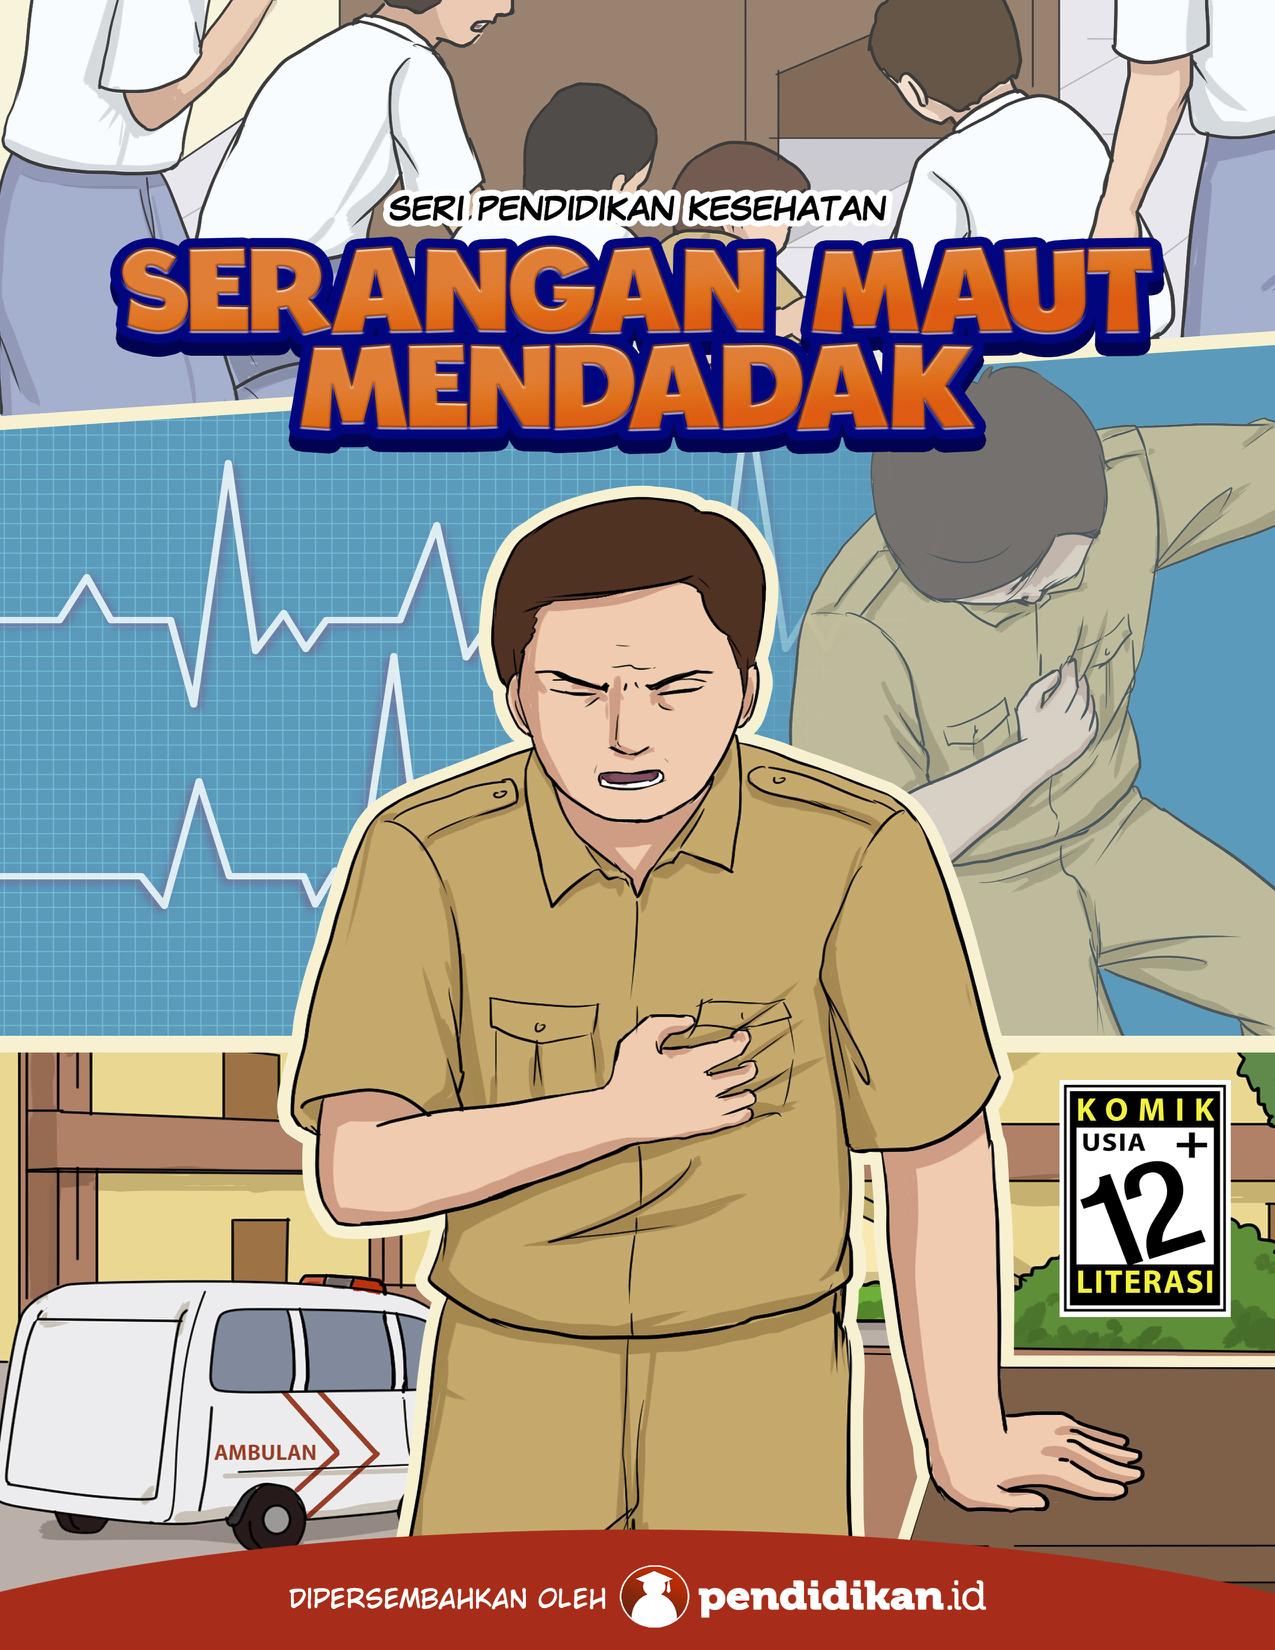 Sampul komik Serangan Maut Mendadak | Foto: pendidikan.id